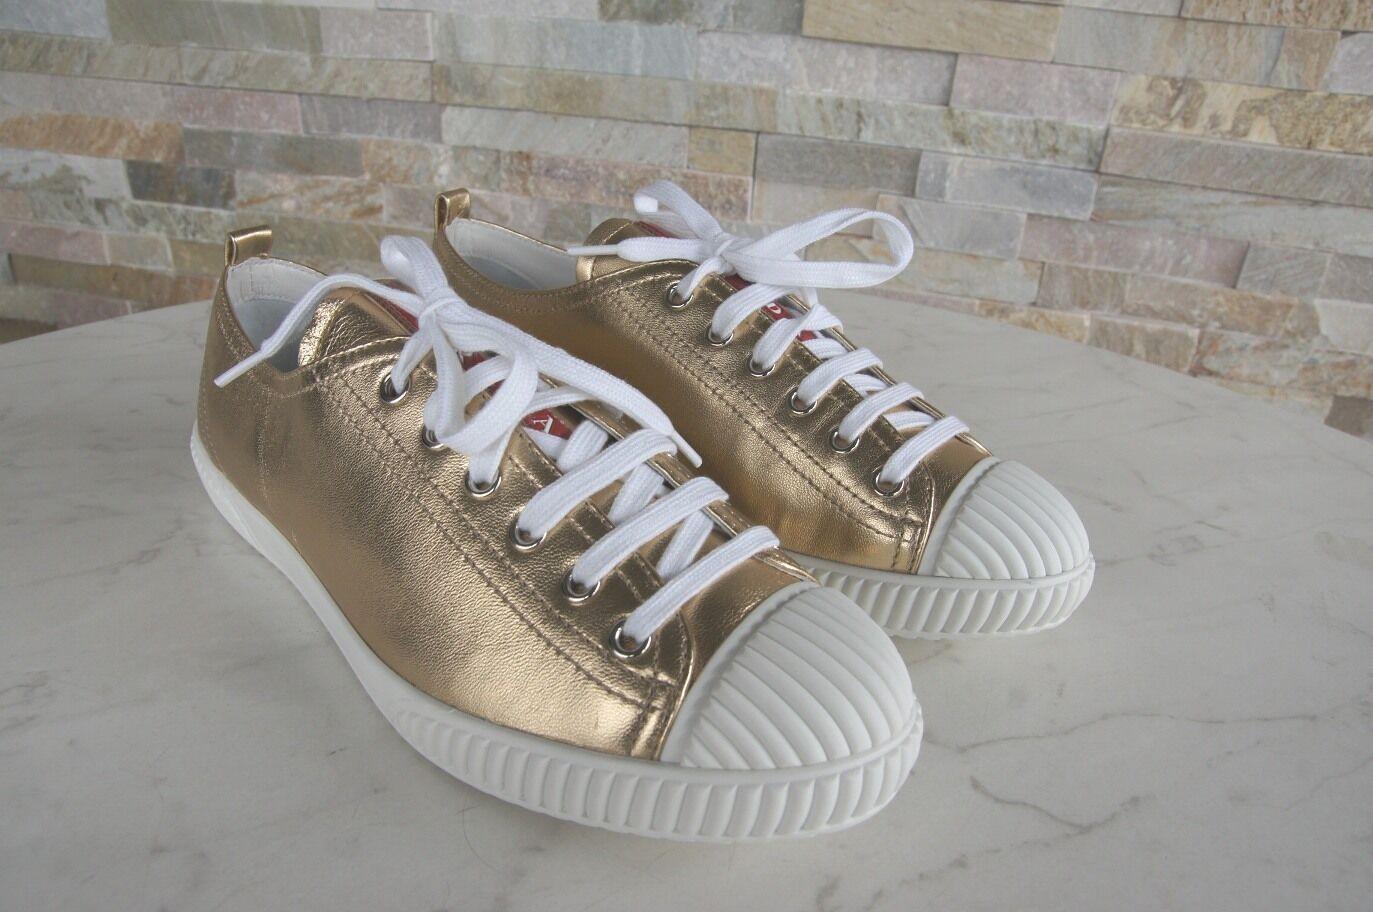 best sneakers 1e269 f99f4 ... PRADA TAGLIA TAGLIA TAGLIA 39 SNEAKERS normalissime scarpe 3e5876 Pelle  Agnello PLATINO NUOVO UVP 1177b5 ...